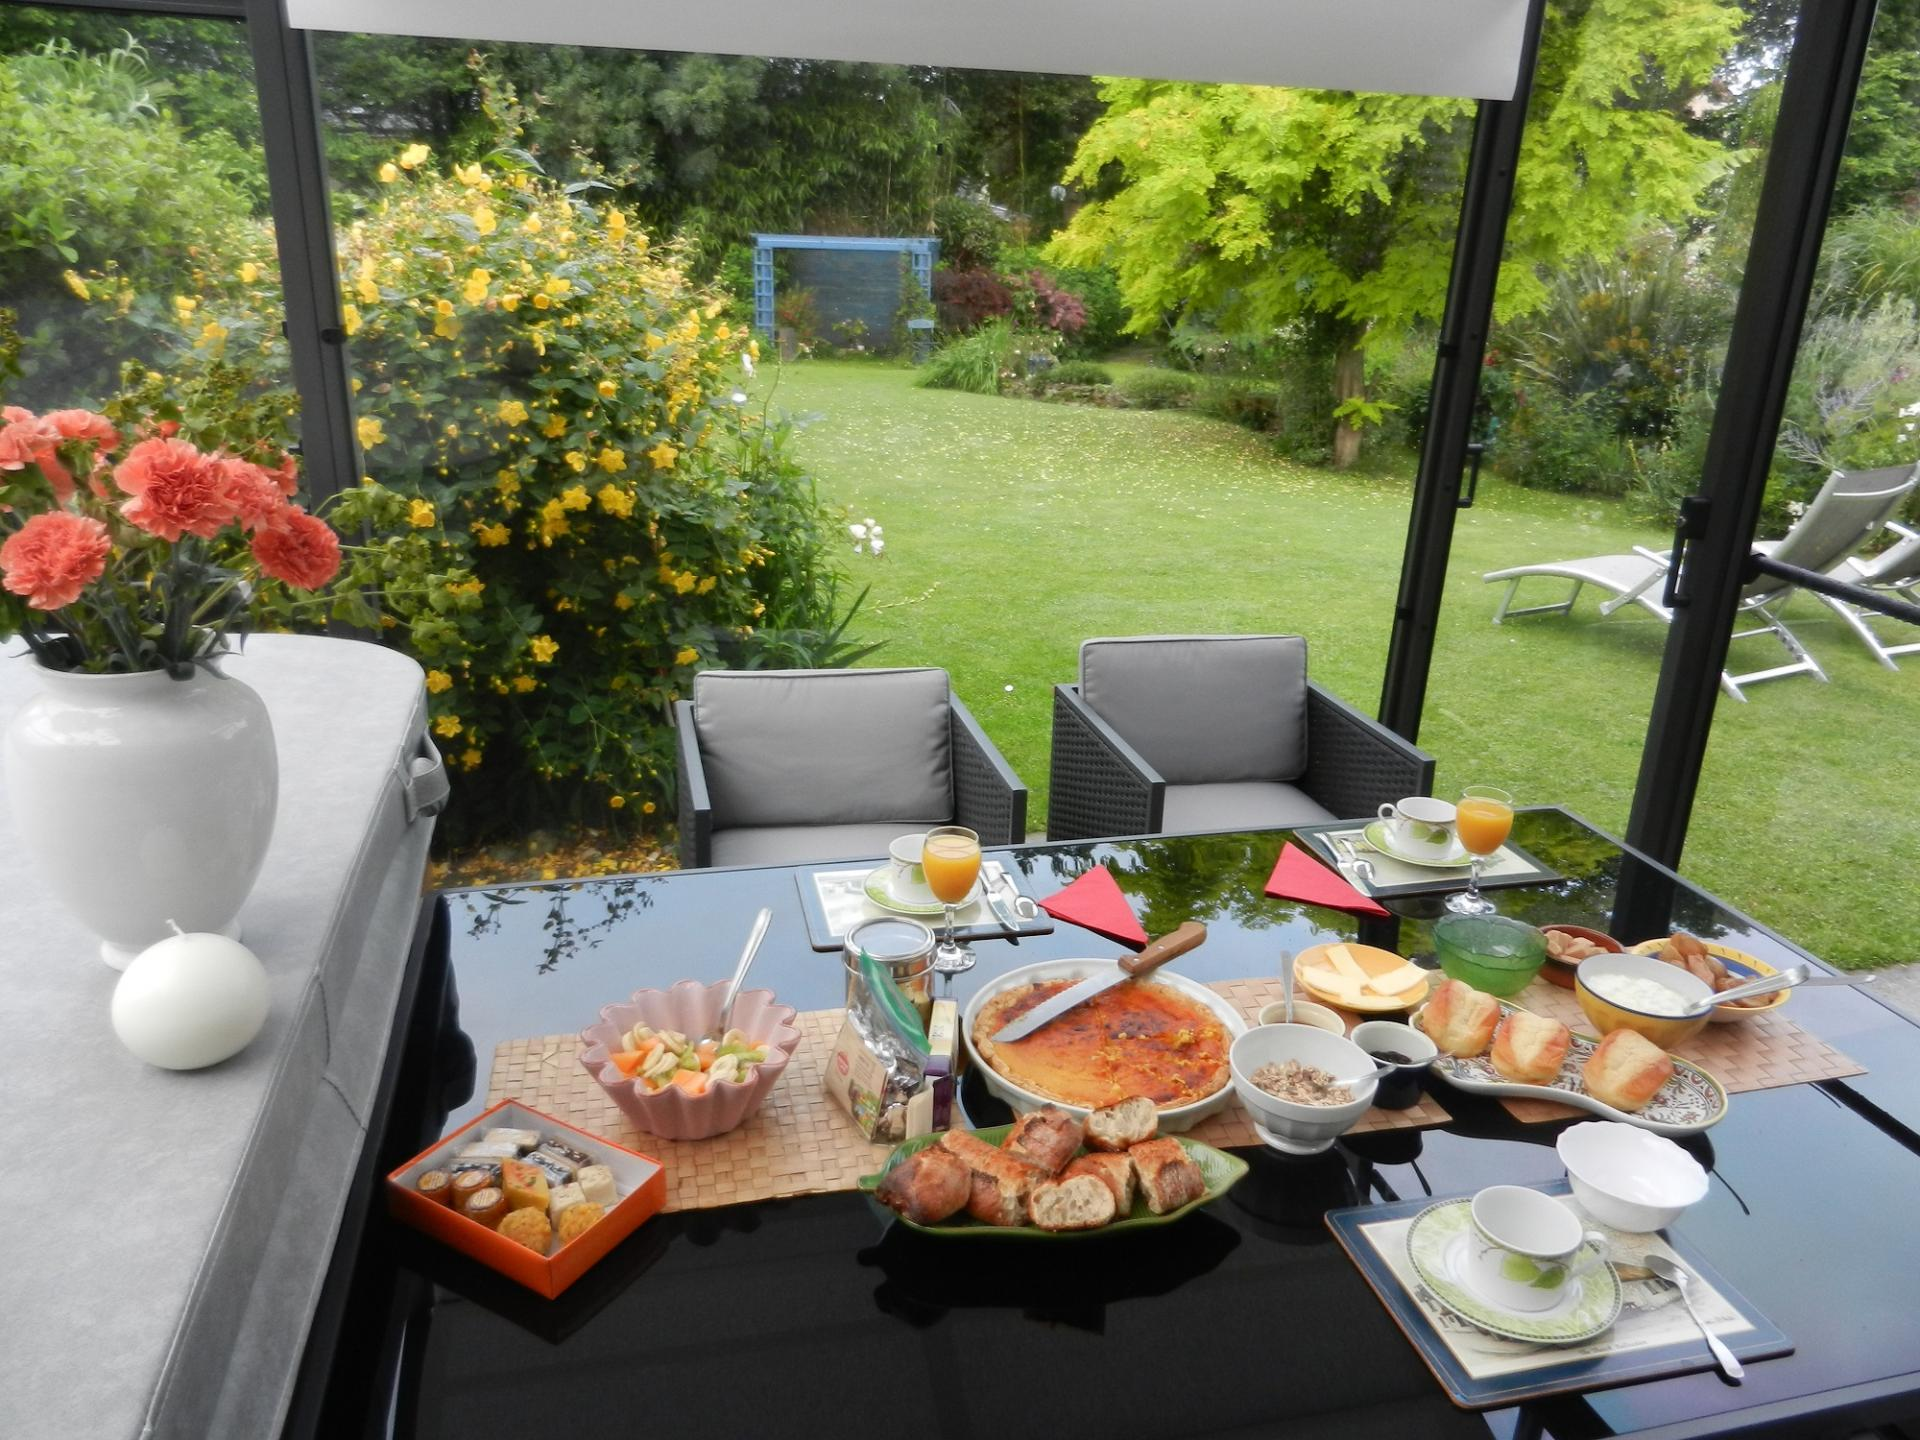 petit dejeuner dans veranda